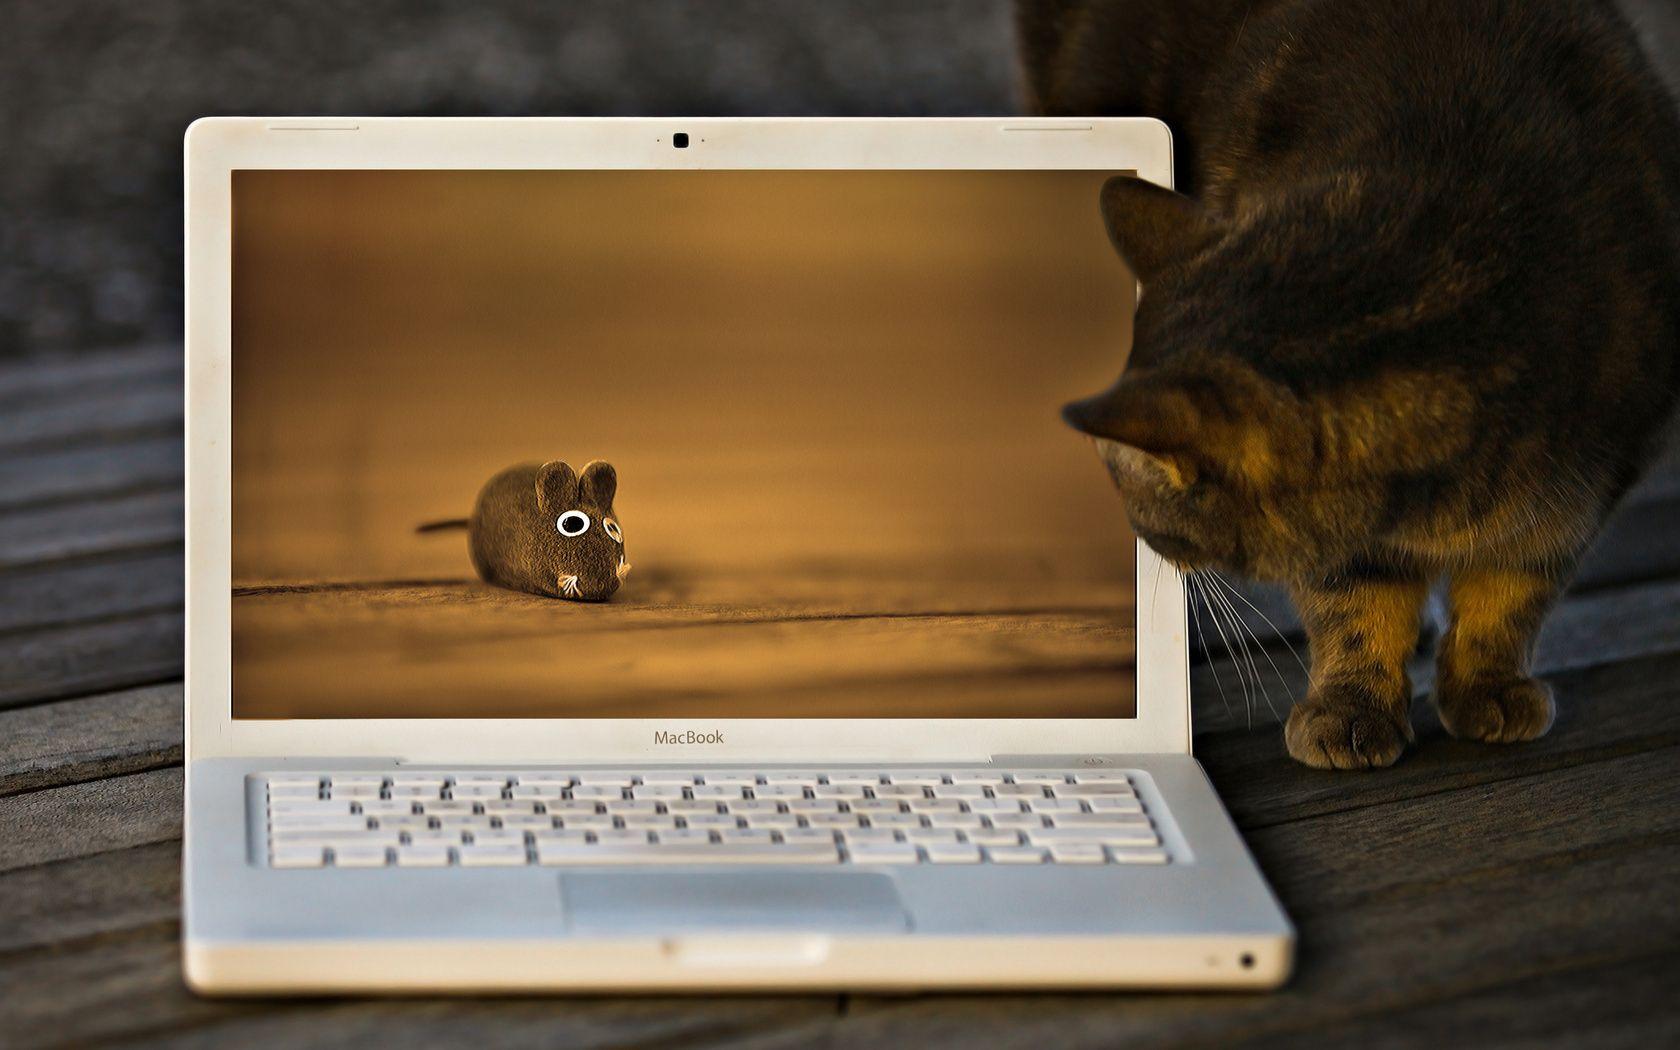 Обои на ноутбук прикольные